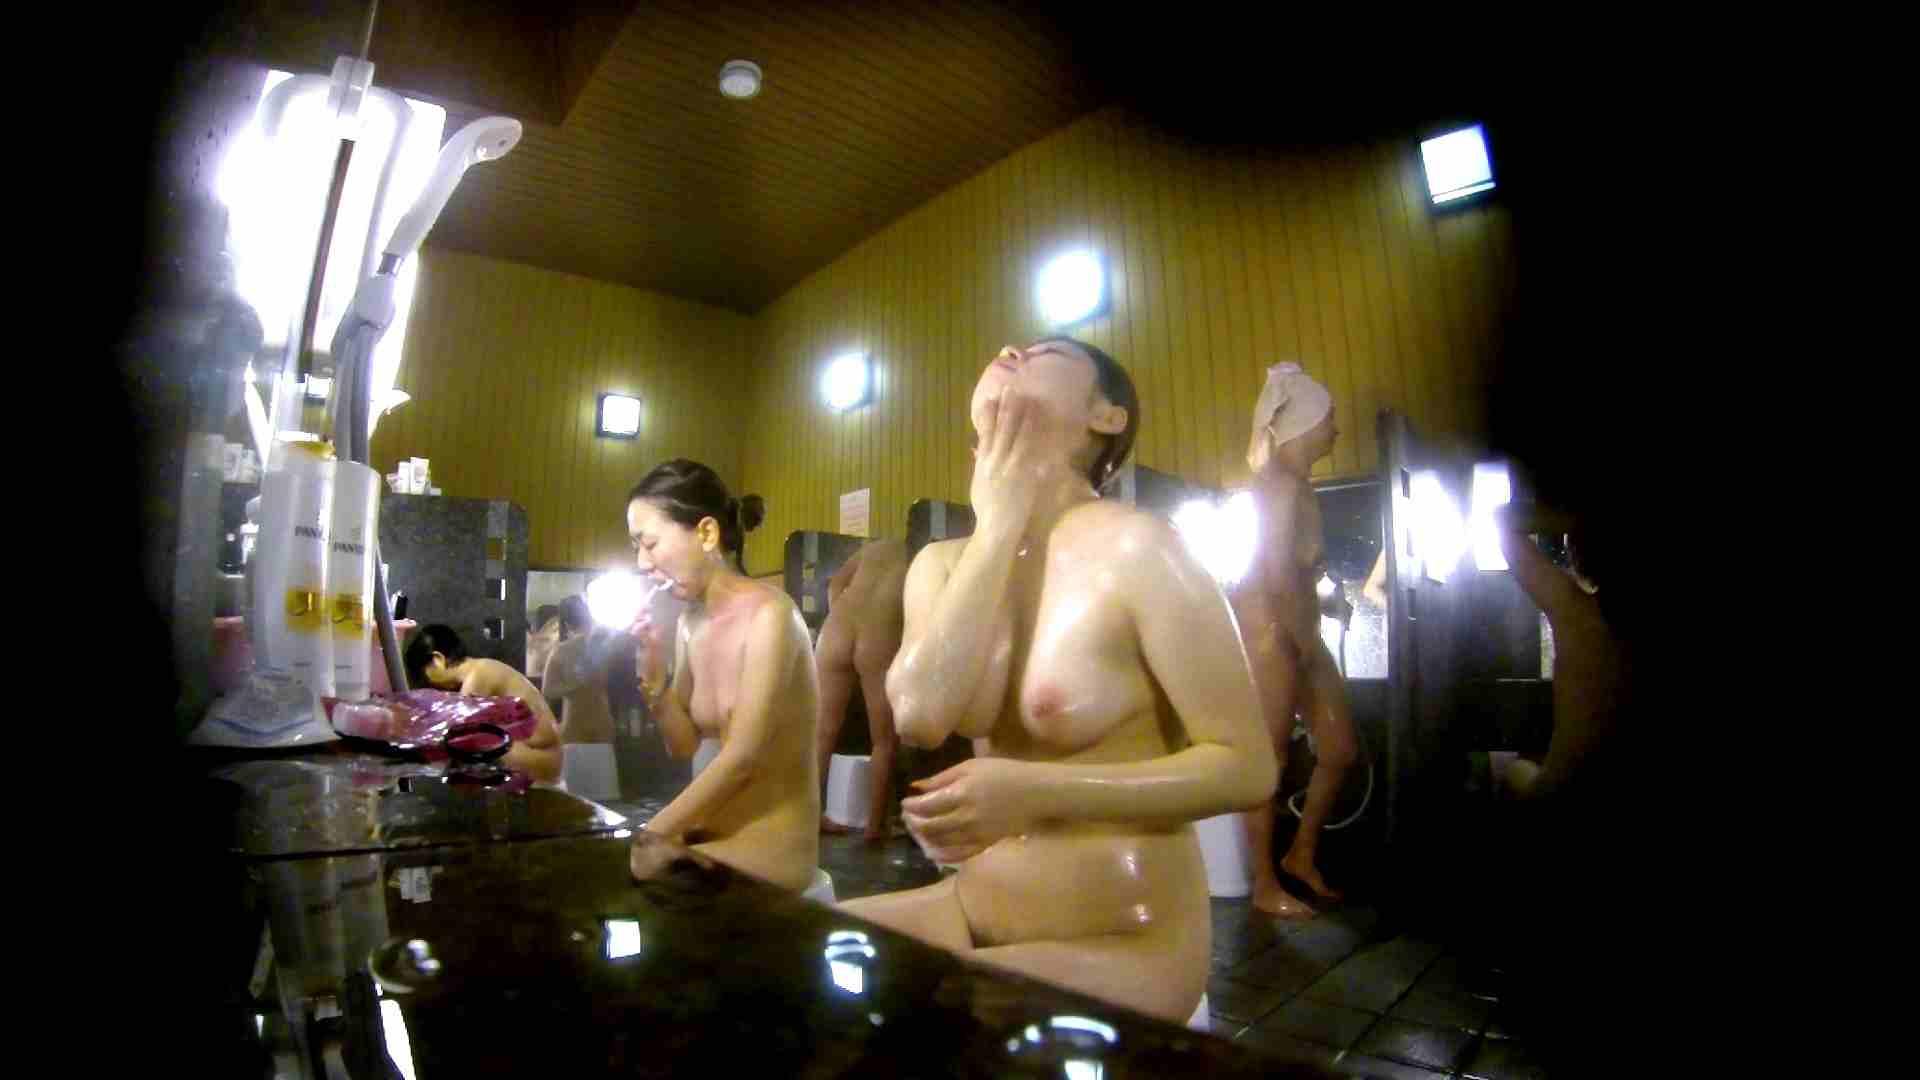 洗い場!柔らかそうな身体は良いけど、歯磨きが下品です。 銭湯着替え AV無料動画キャプチャ 107画像 61